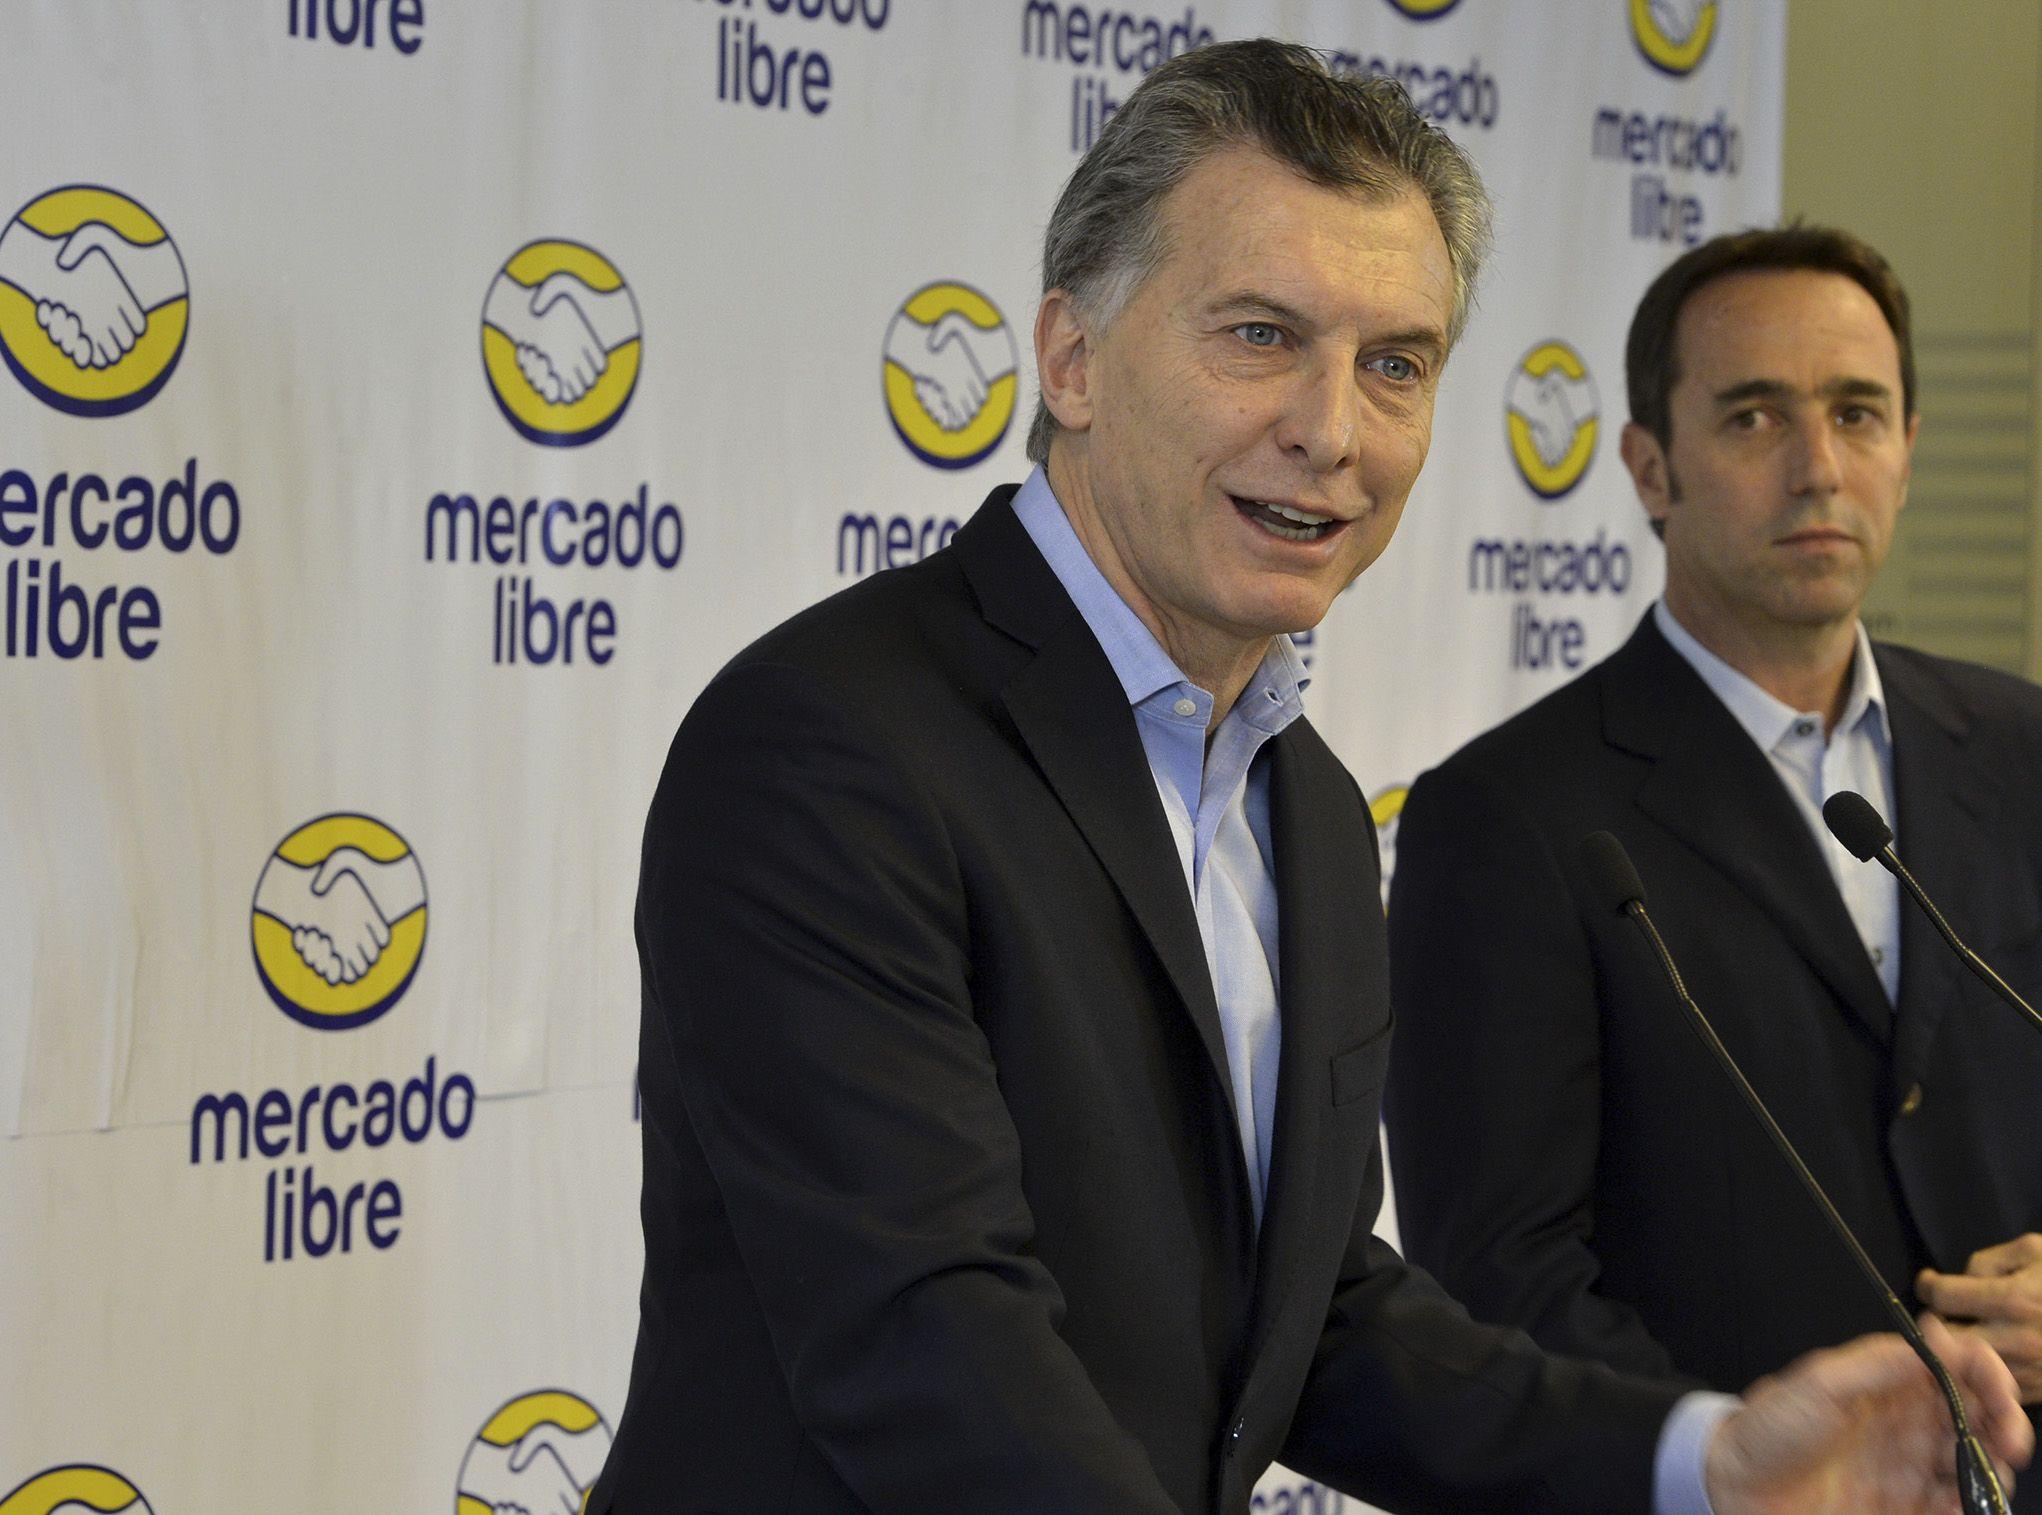 El hermano del empresario favorito de Macri construirá en tierras del Estado